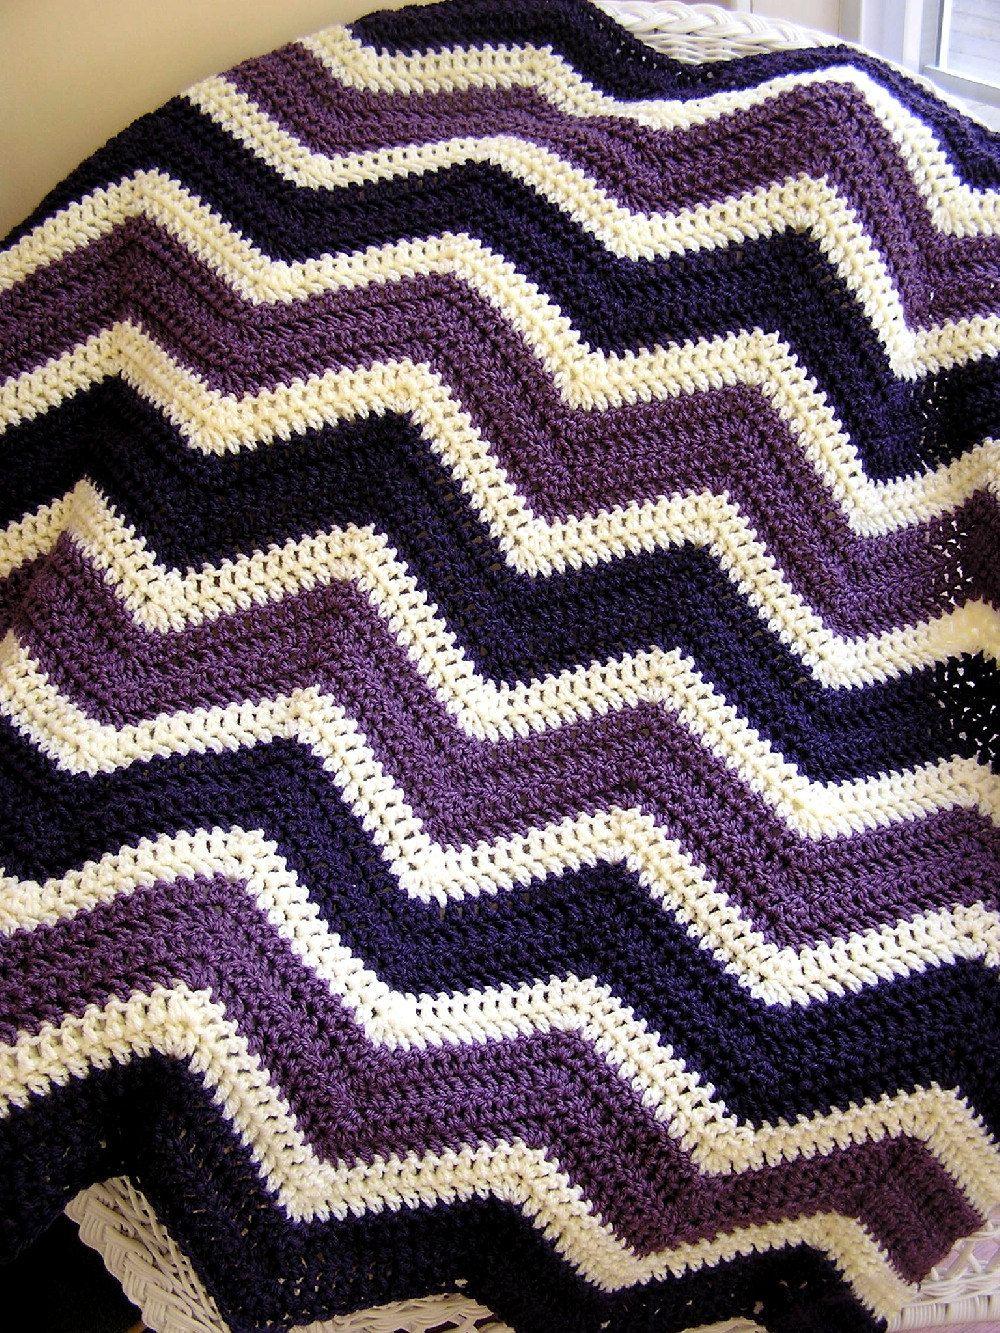 new chevron zig zag baby blanket crochet knit baby afghan lap robe ...